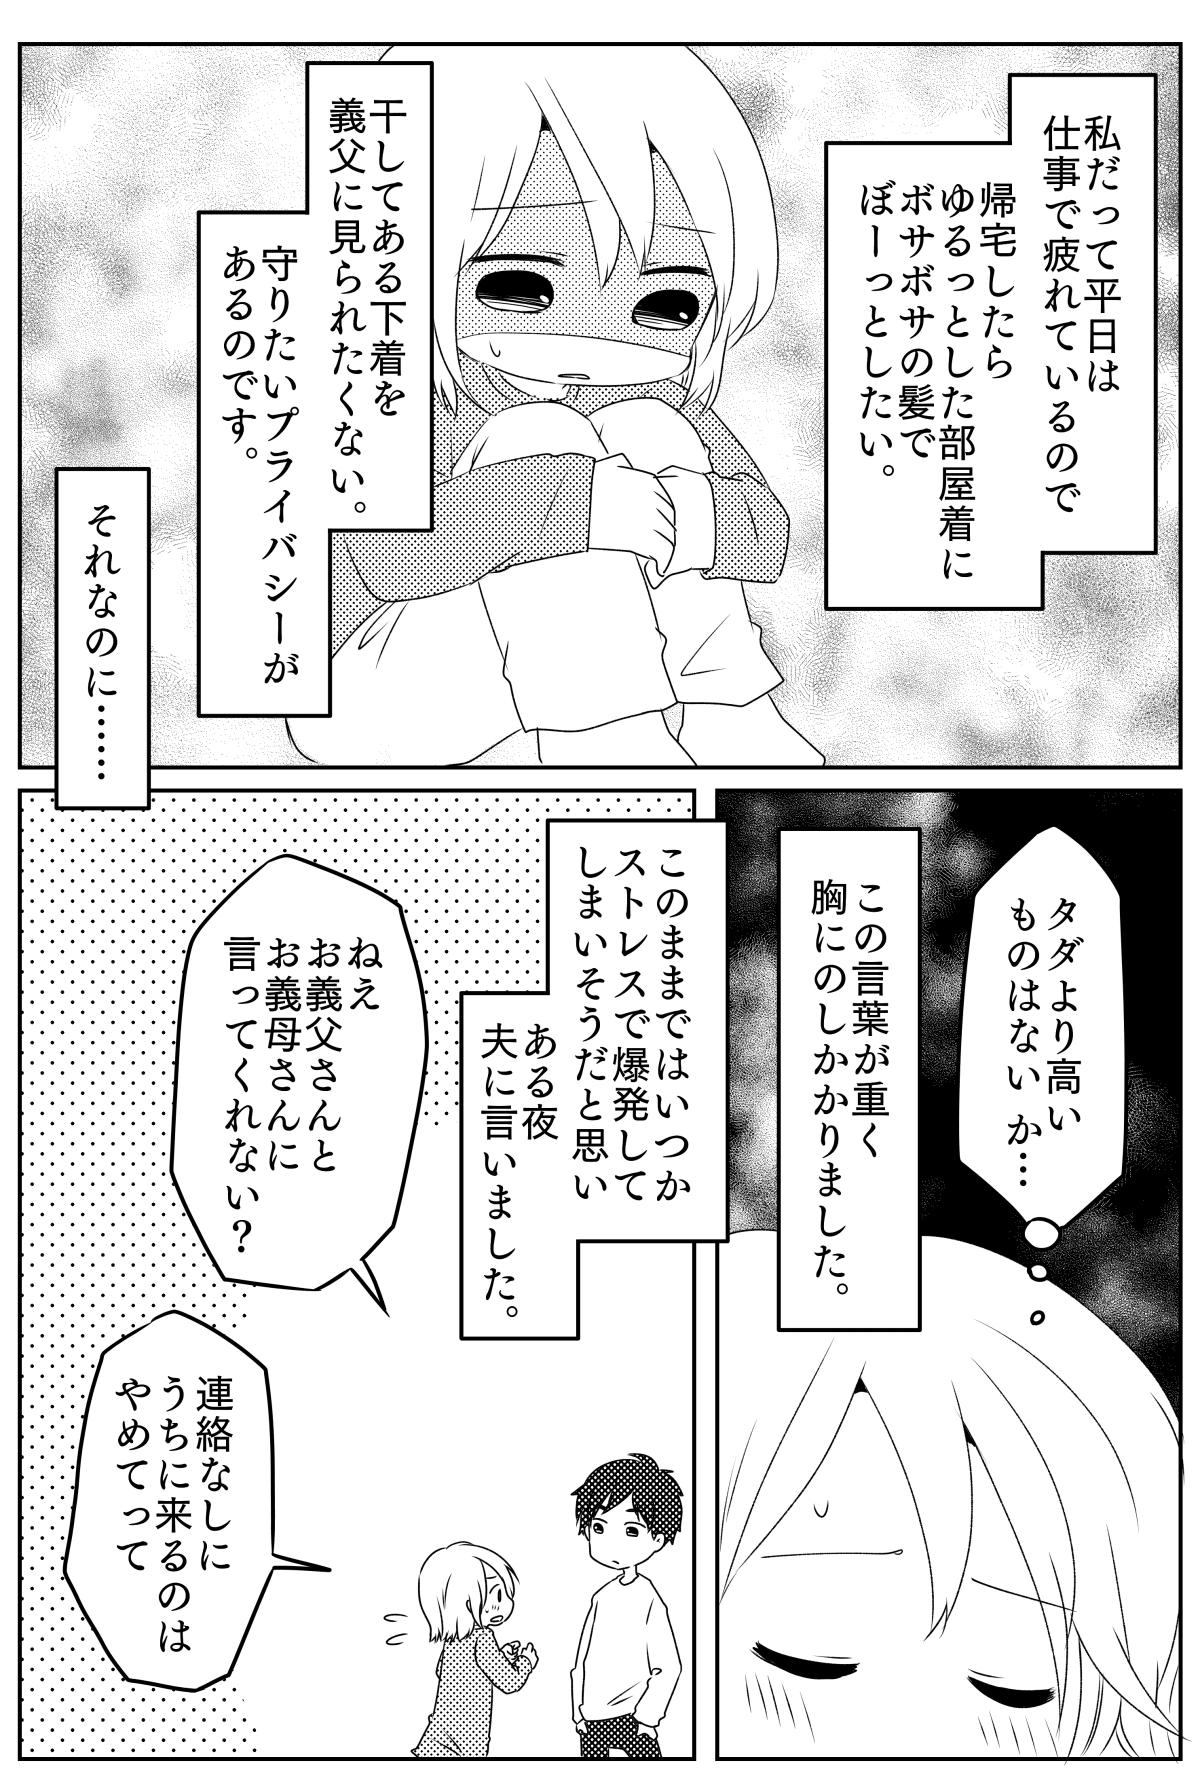 【前編】タダより高いものはない?3